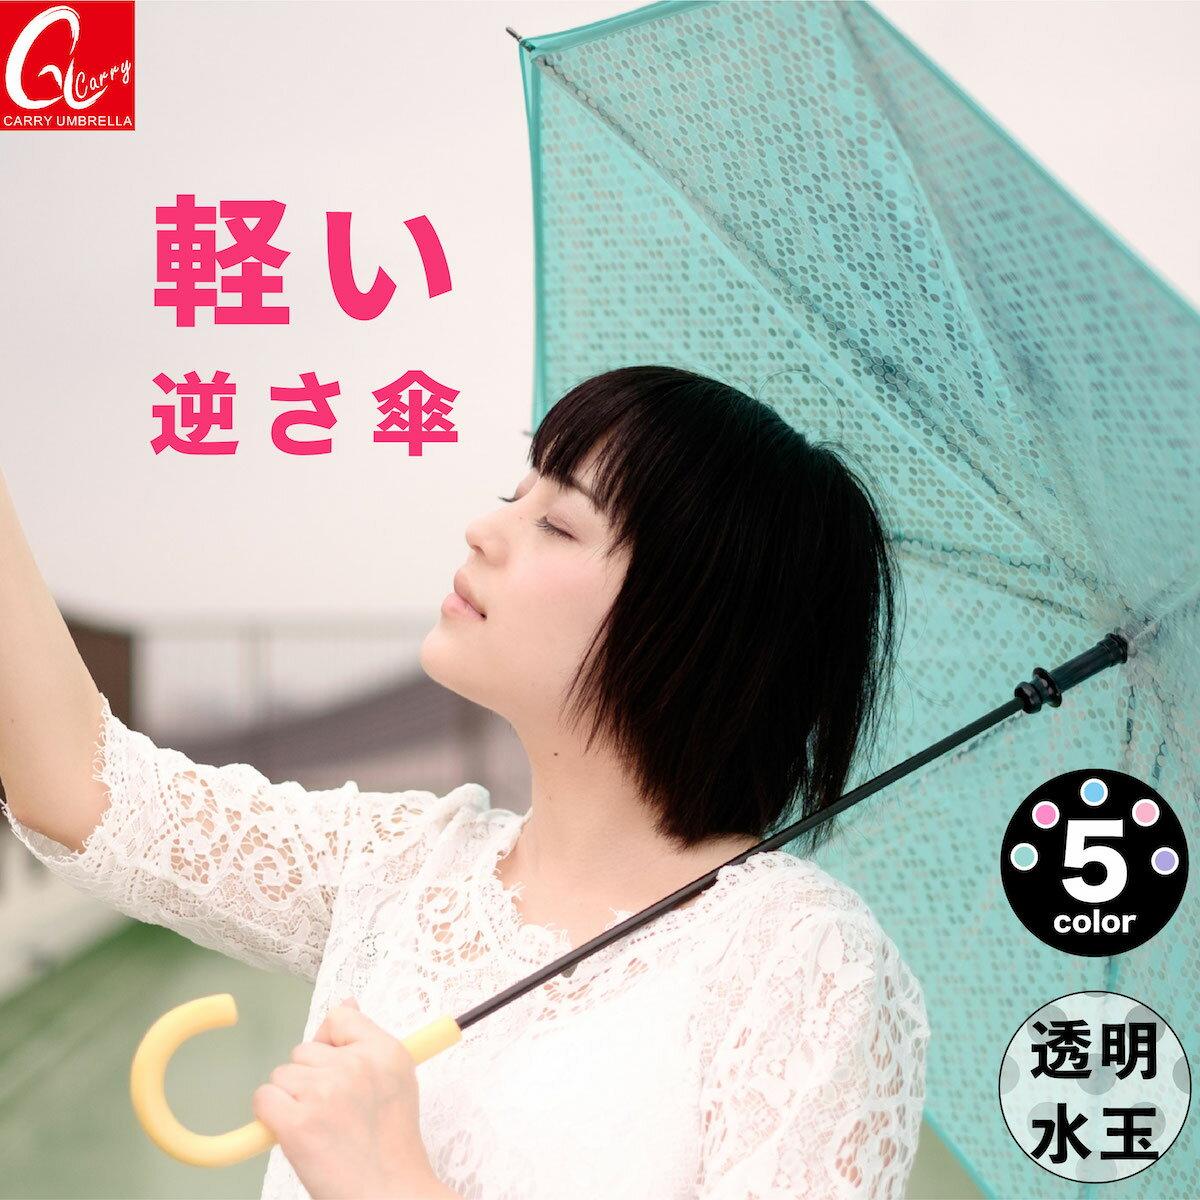 【CARRY saKASA(キャリーサカサ)AQUA Model アクアモデル】 濡れない傘 逆さ傘 レディース さかさま傘 長傘 雨傘 傘 おしゃれ ファッション長傘 逆さま 逆折り式傘 オシャレ グラスファイバー骨 晴雨兼用 傘【ギフト対応】